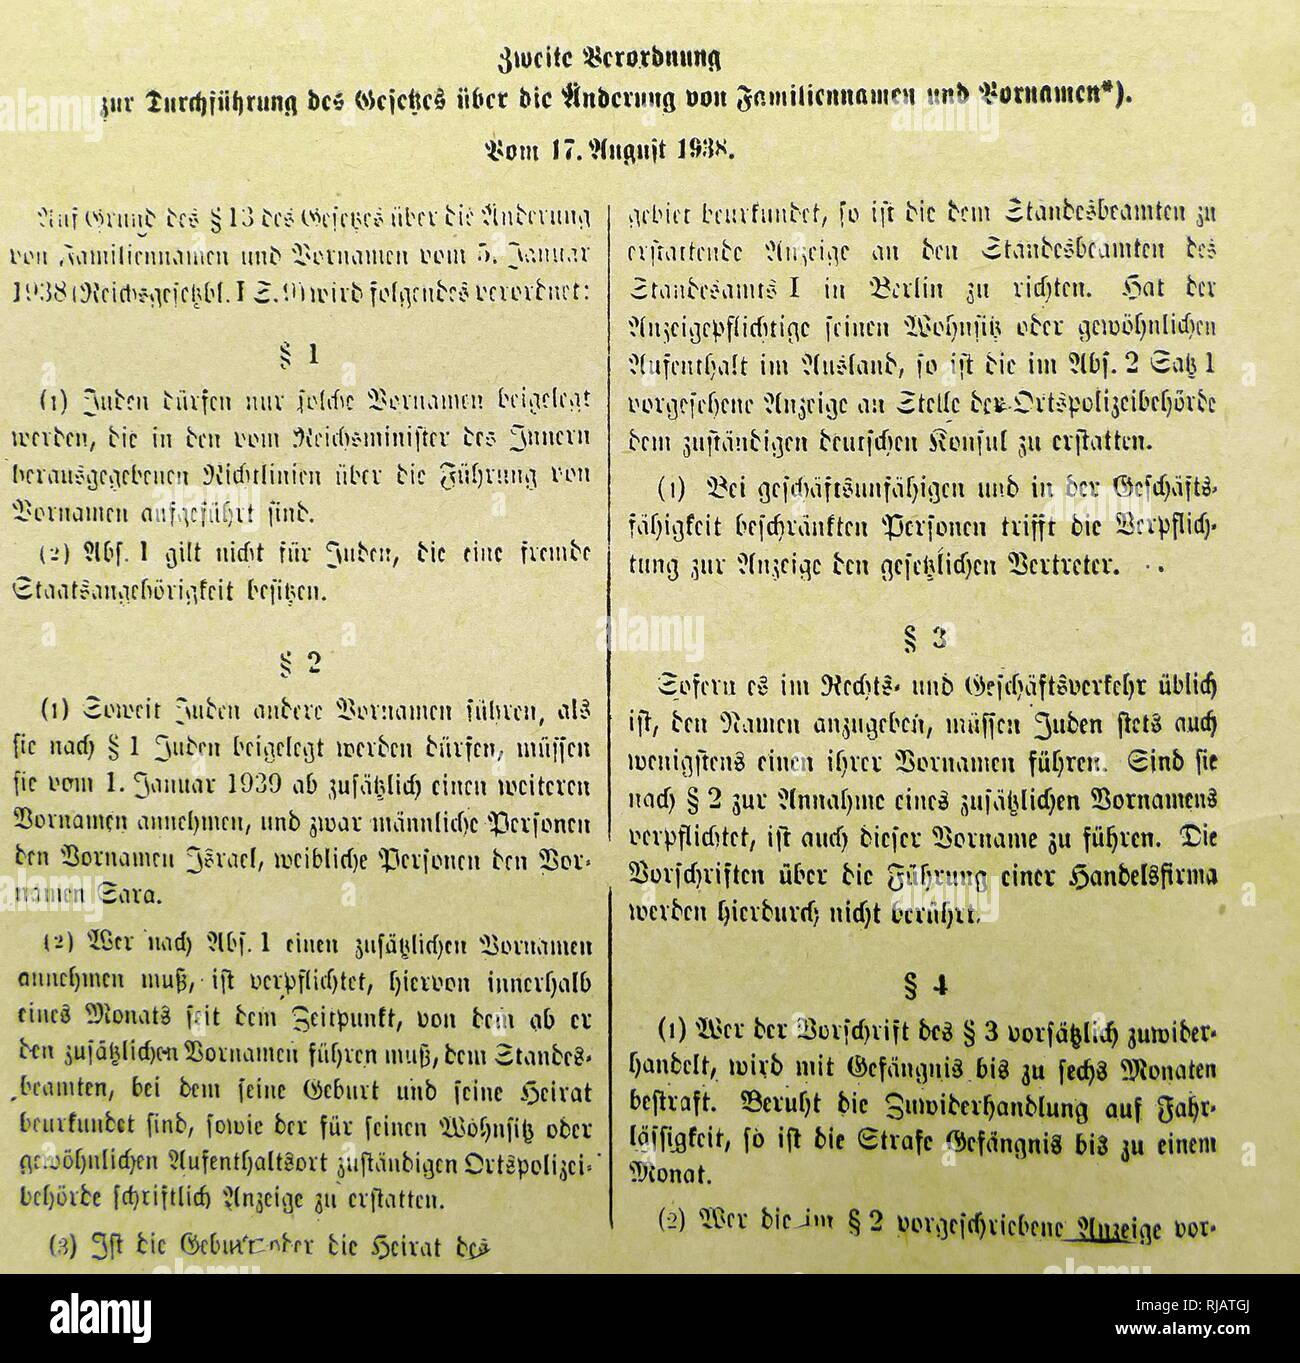 """Ère nazie deuxième décret, relatives à la mise en œuvre de la loi sur le changement de prénom et nom. 17 août 1938. L'article I (1) Les Juifs doivent seulement être donné de prénoms qui sont énumérés dans les directives émises par le Reich, Ministre de l'intérieur, concernant le roulement des prénoms. (2) l'article 1 ne s'applique pas aux Juifs de nationalité étrangère. L'article II (1) Si les Juifs porte d'autres noms d'abord en tant que telle pour les Juifs autorisés en vertu de l'article 1, ils doivent, à partir du 1er janvier 1939---adopter un autre nom, à savoir """"Israël"""" pour les hommes et pour les femmes """"ara"""". Photo Stock"""